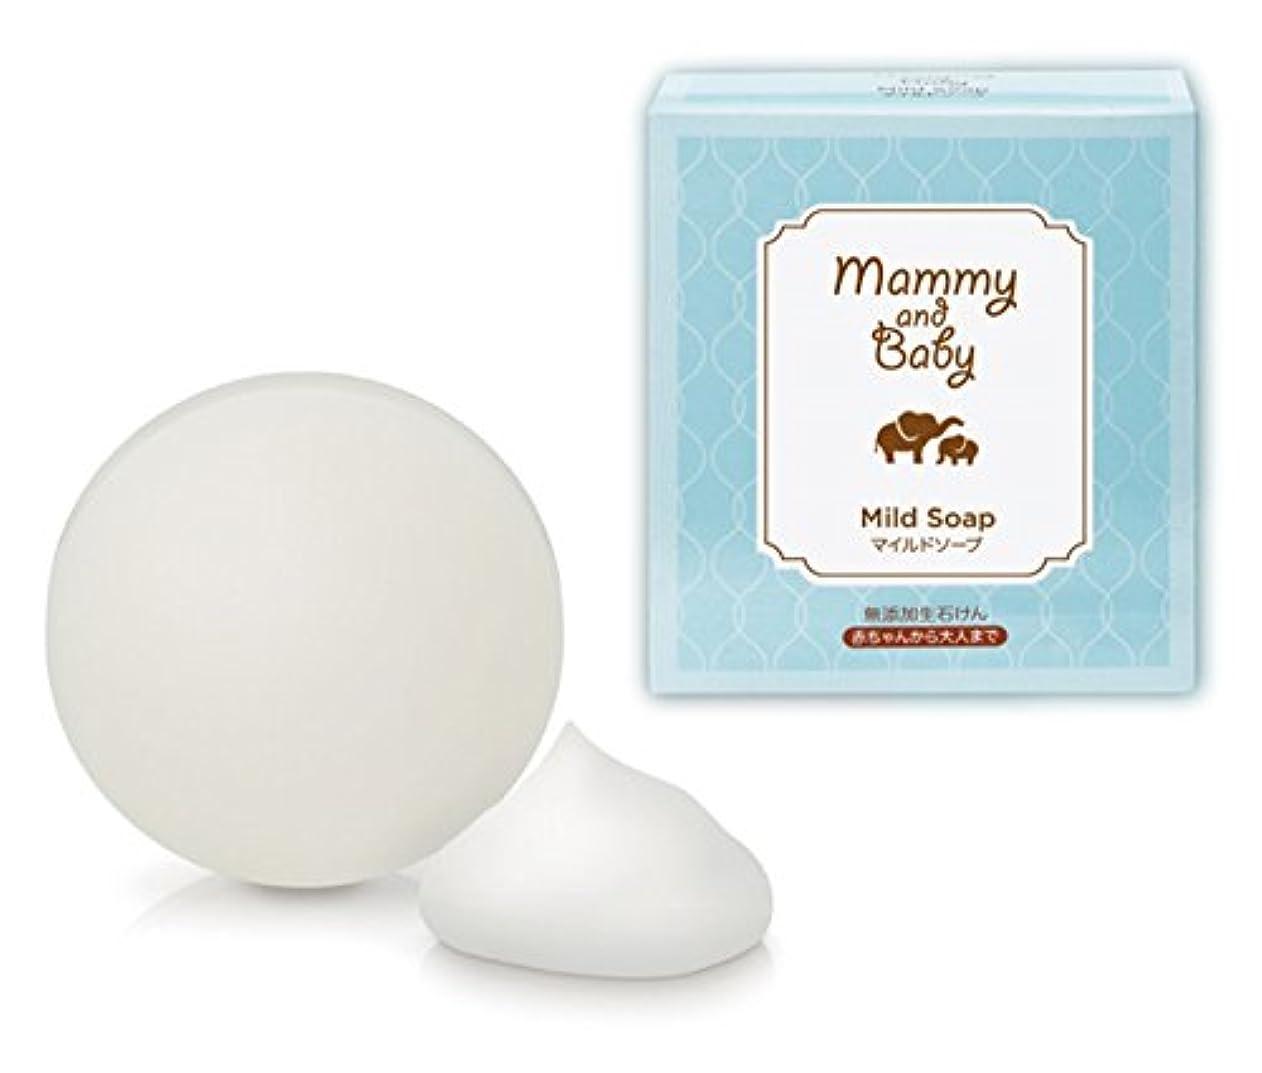 眠っている保証する家事をするMammy & Baby マイルドソープ 無添加生石鹸 2個組